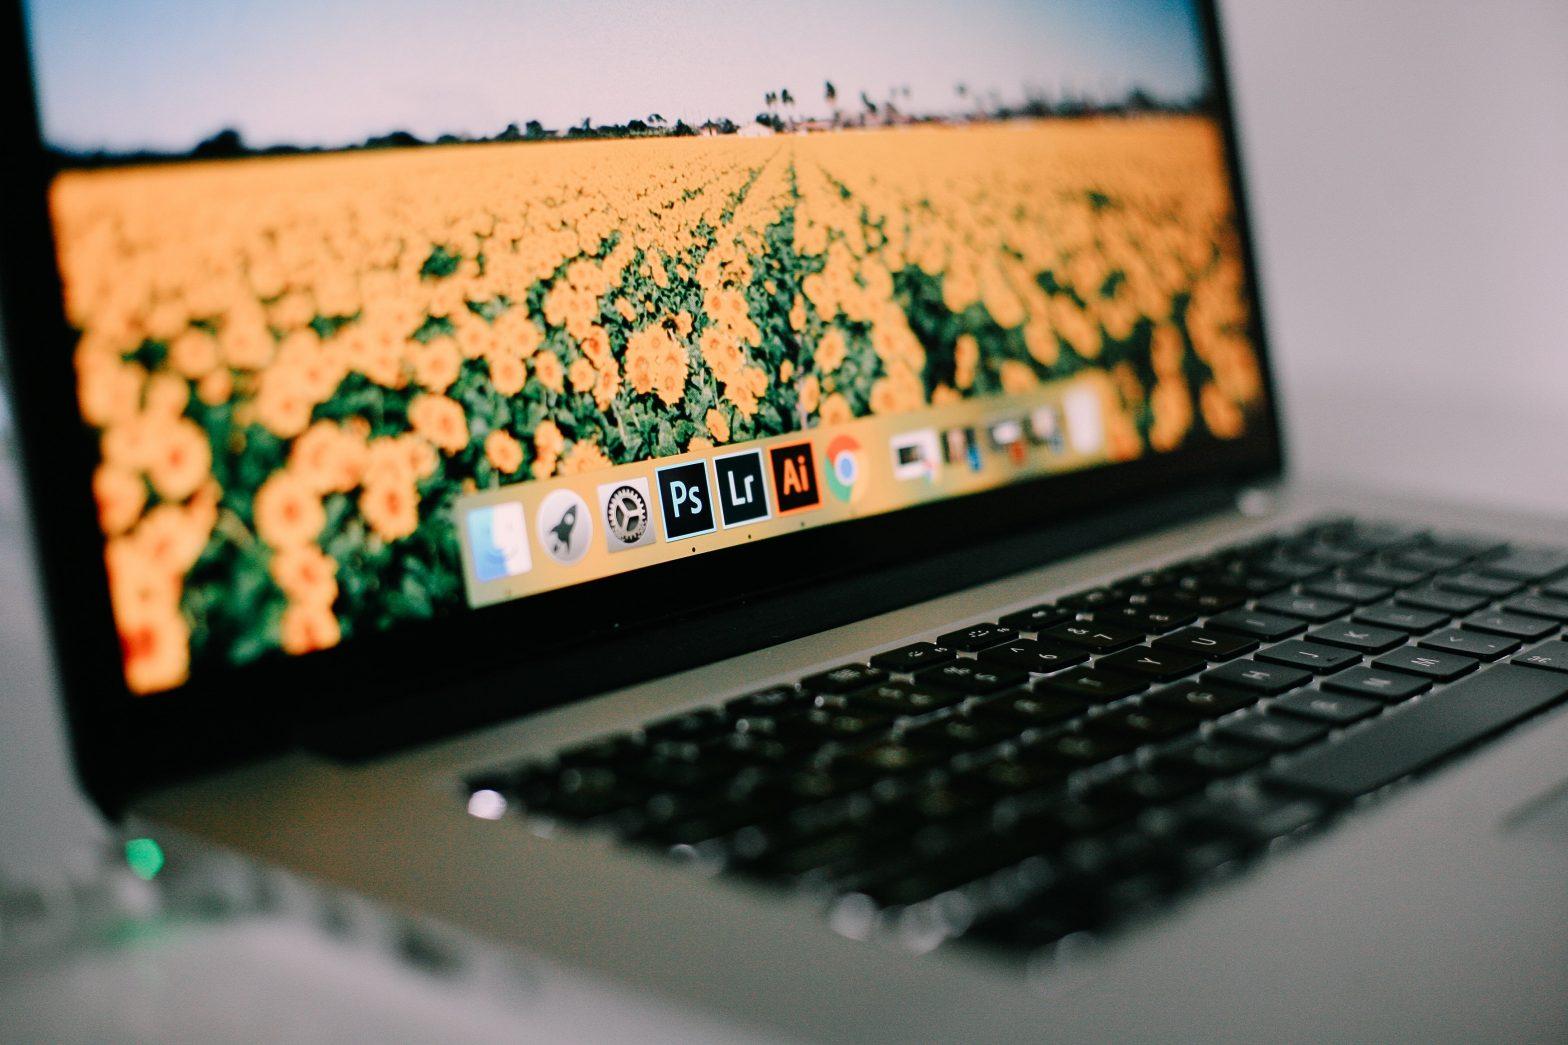 Optimiser les images sur macOs